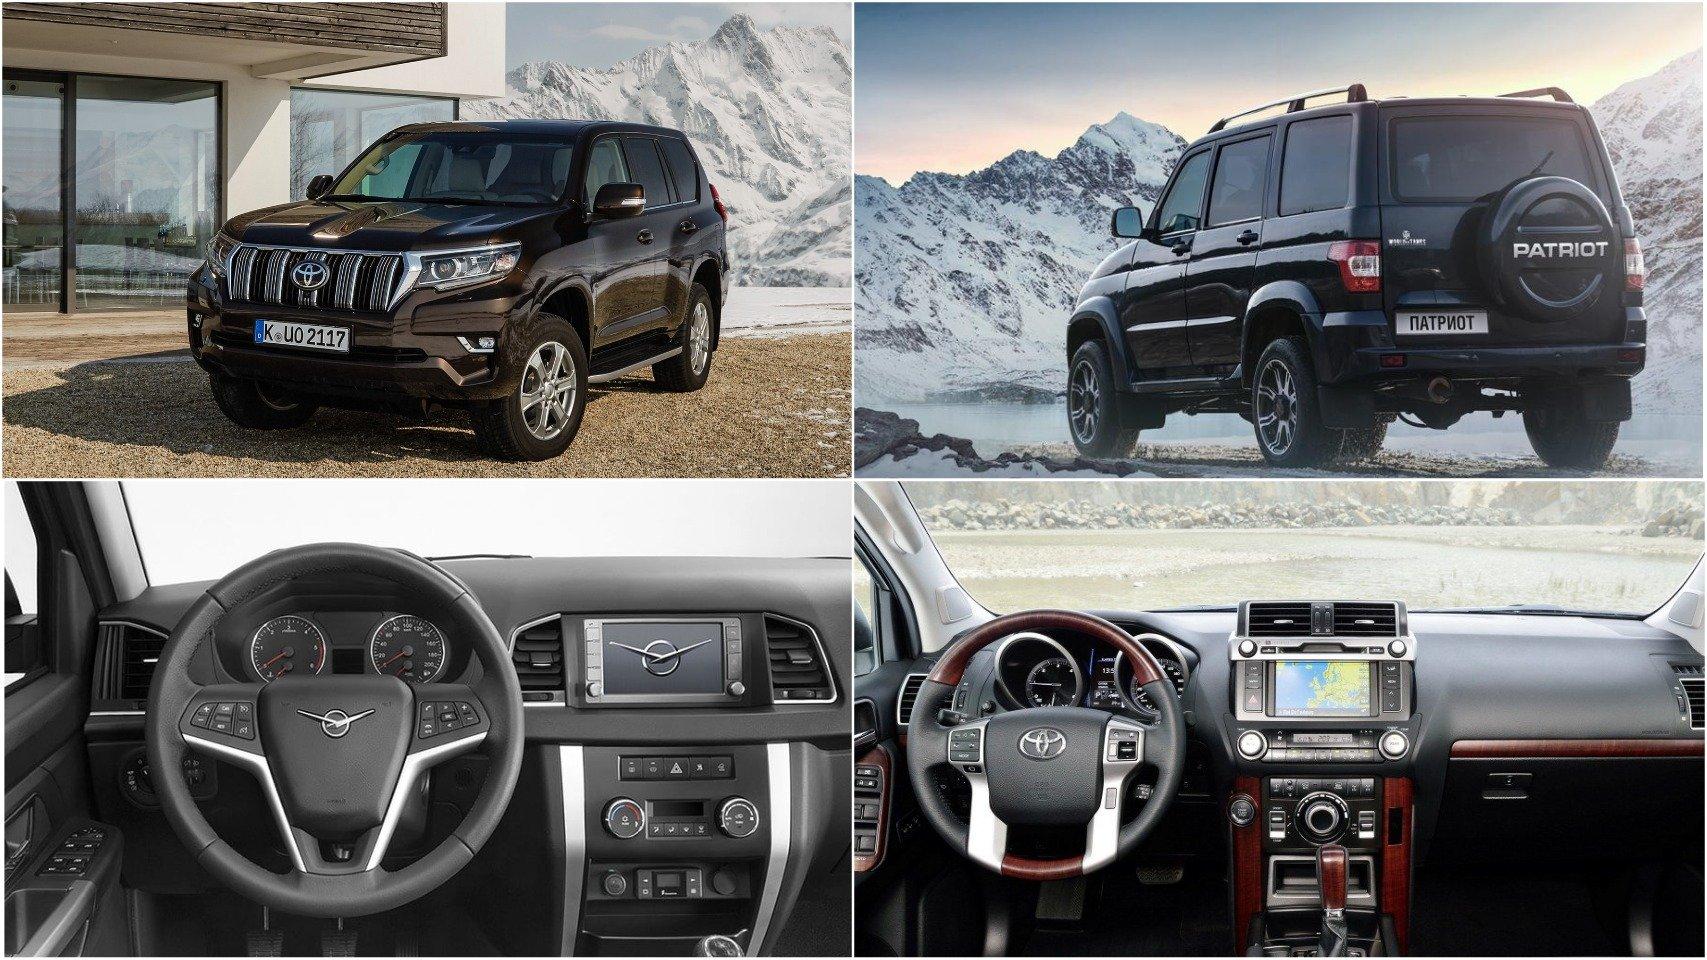 УАЗ разрабатывает вседорожный автомобиль  набазе Land Cruiser